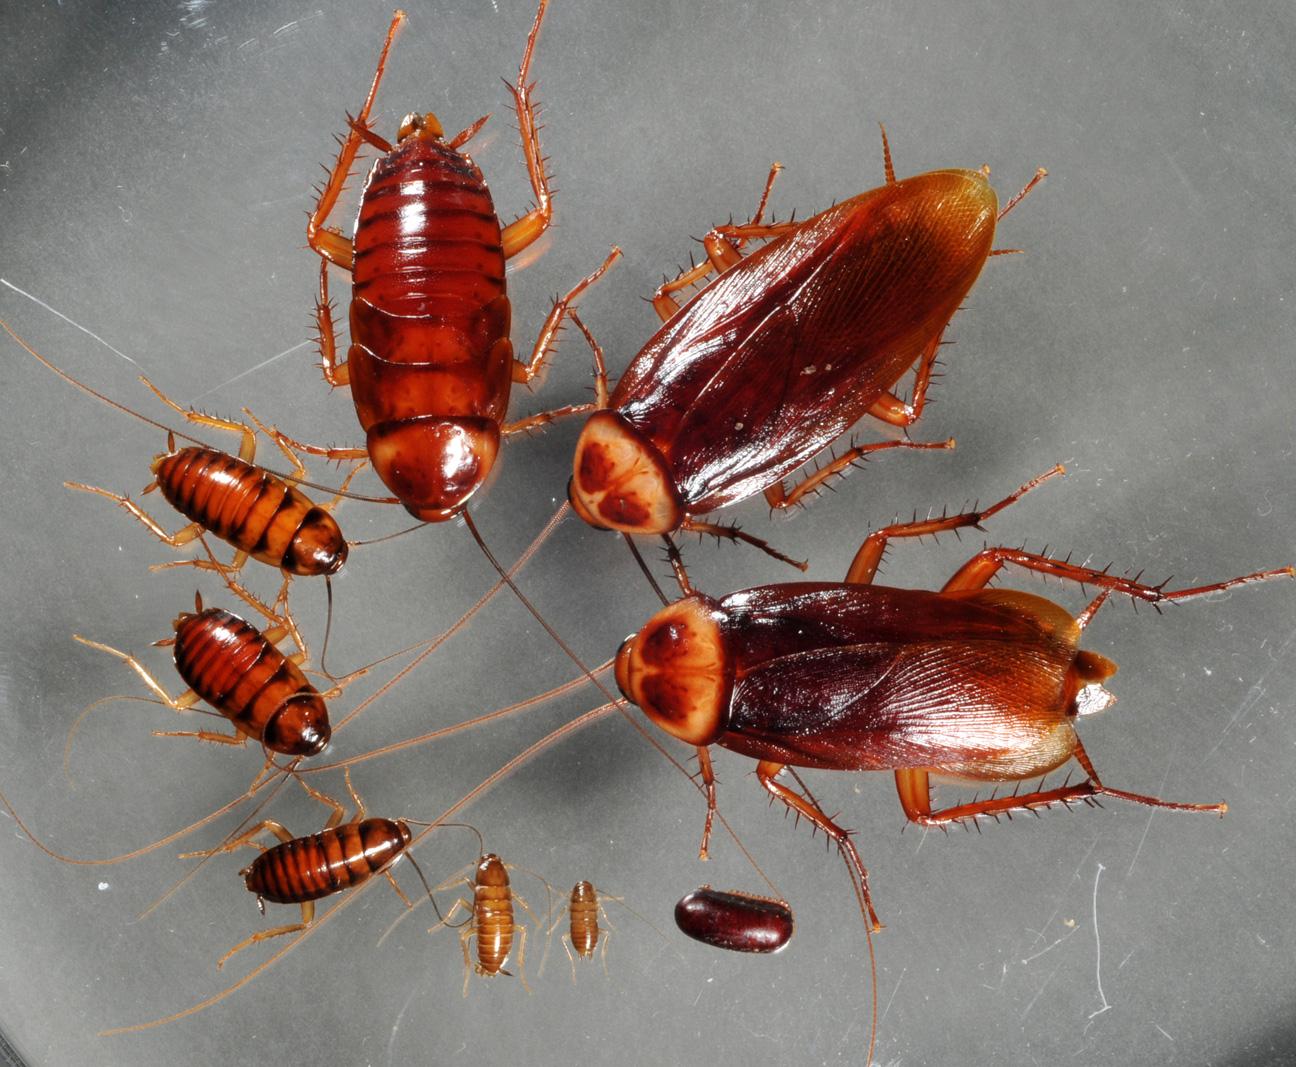 На фото: цикл развития таракана